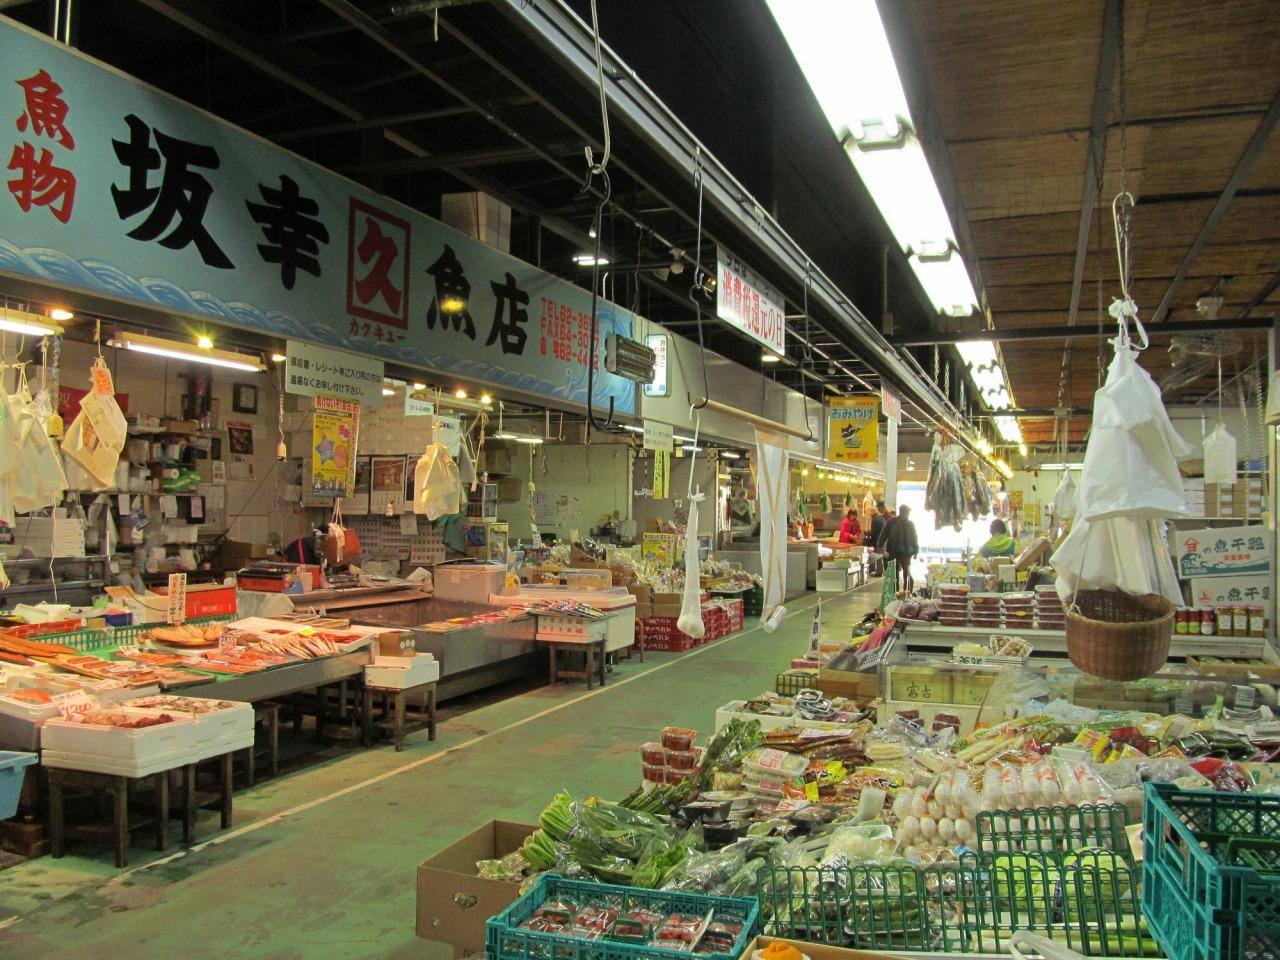 宫古市鱼菜市场